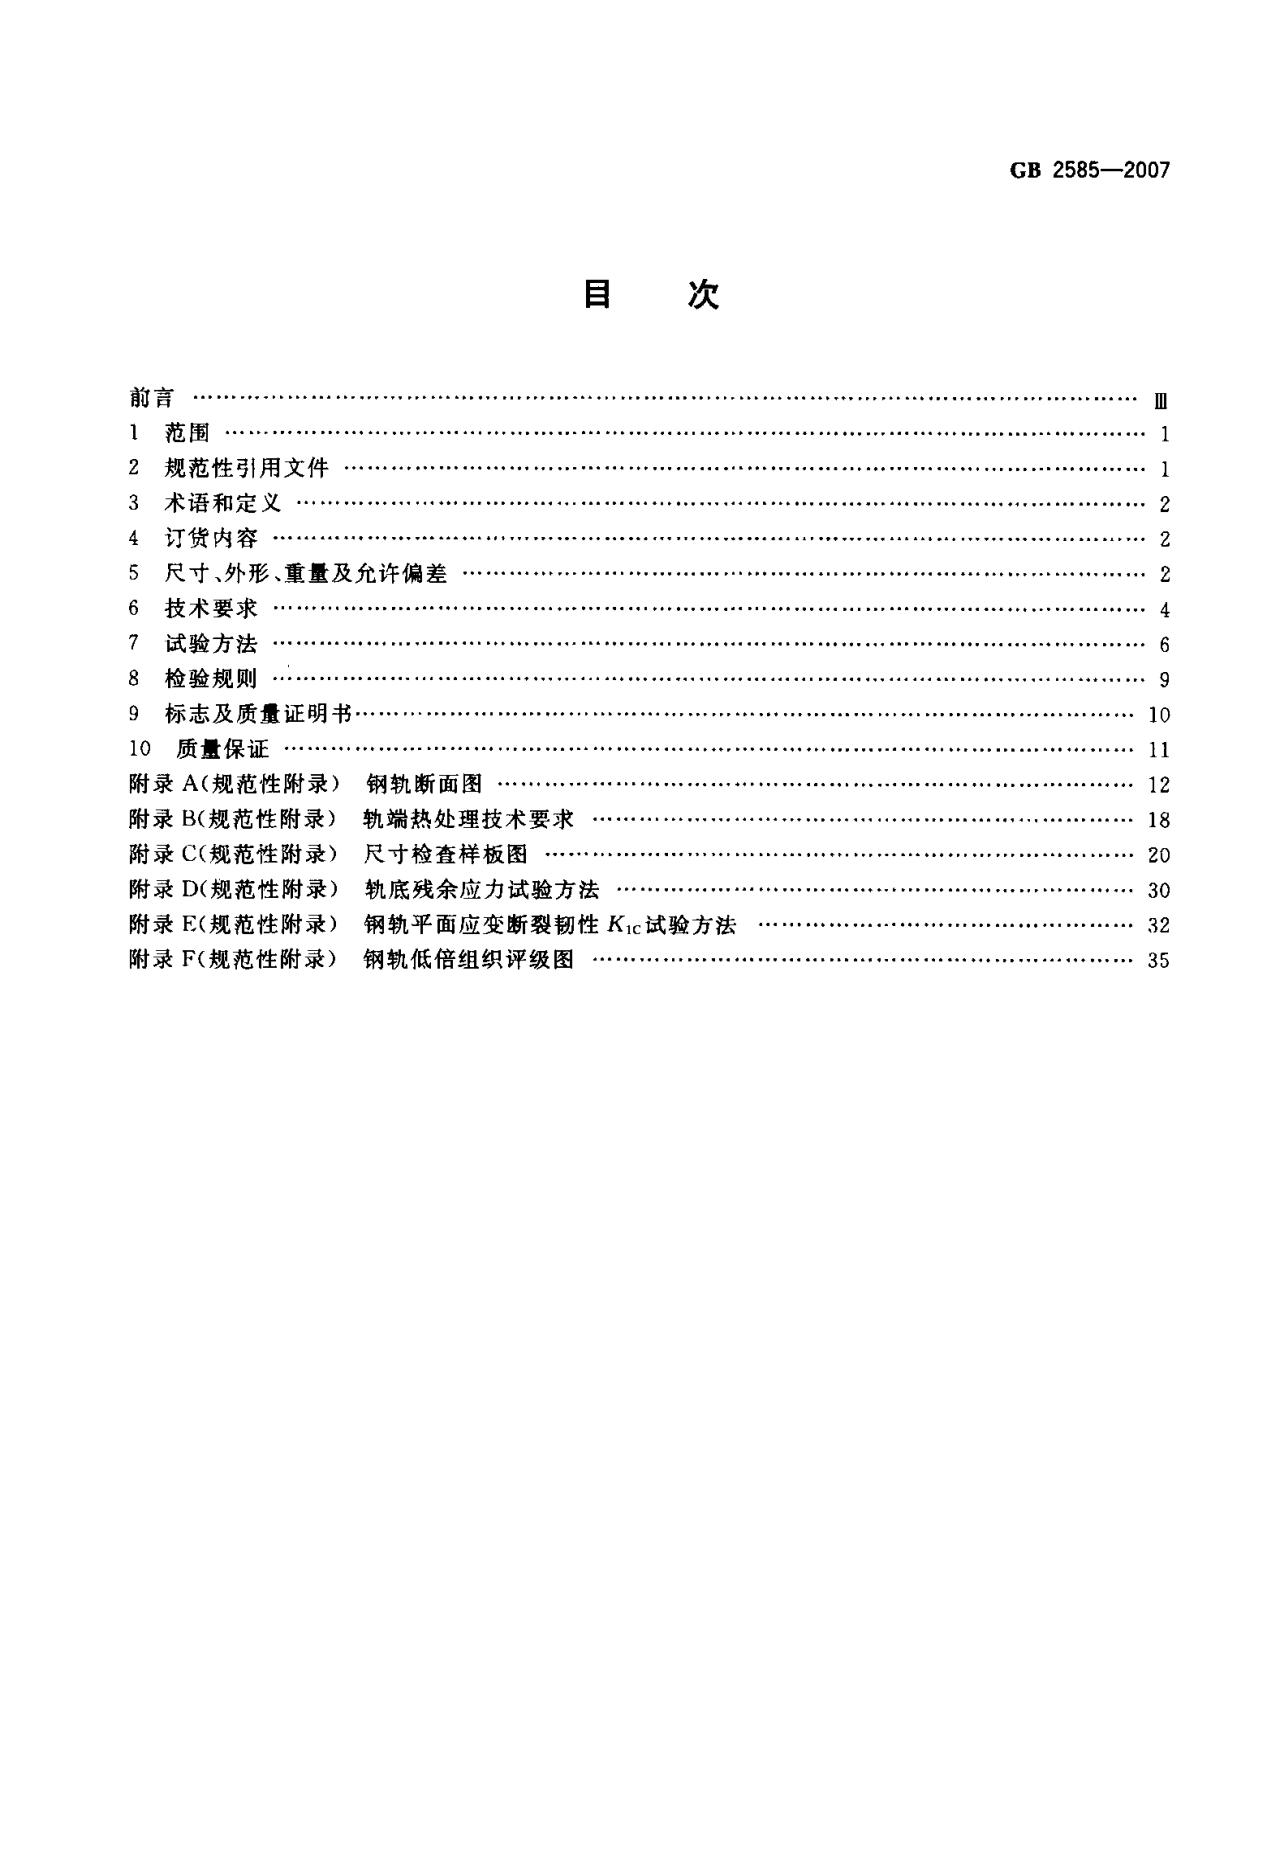 可行性报告标准_GB 2585-2007 铁路用热轧钢轨_word文档在线阅读与下载_无忧文档